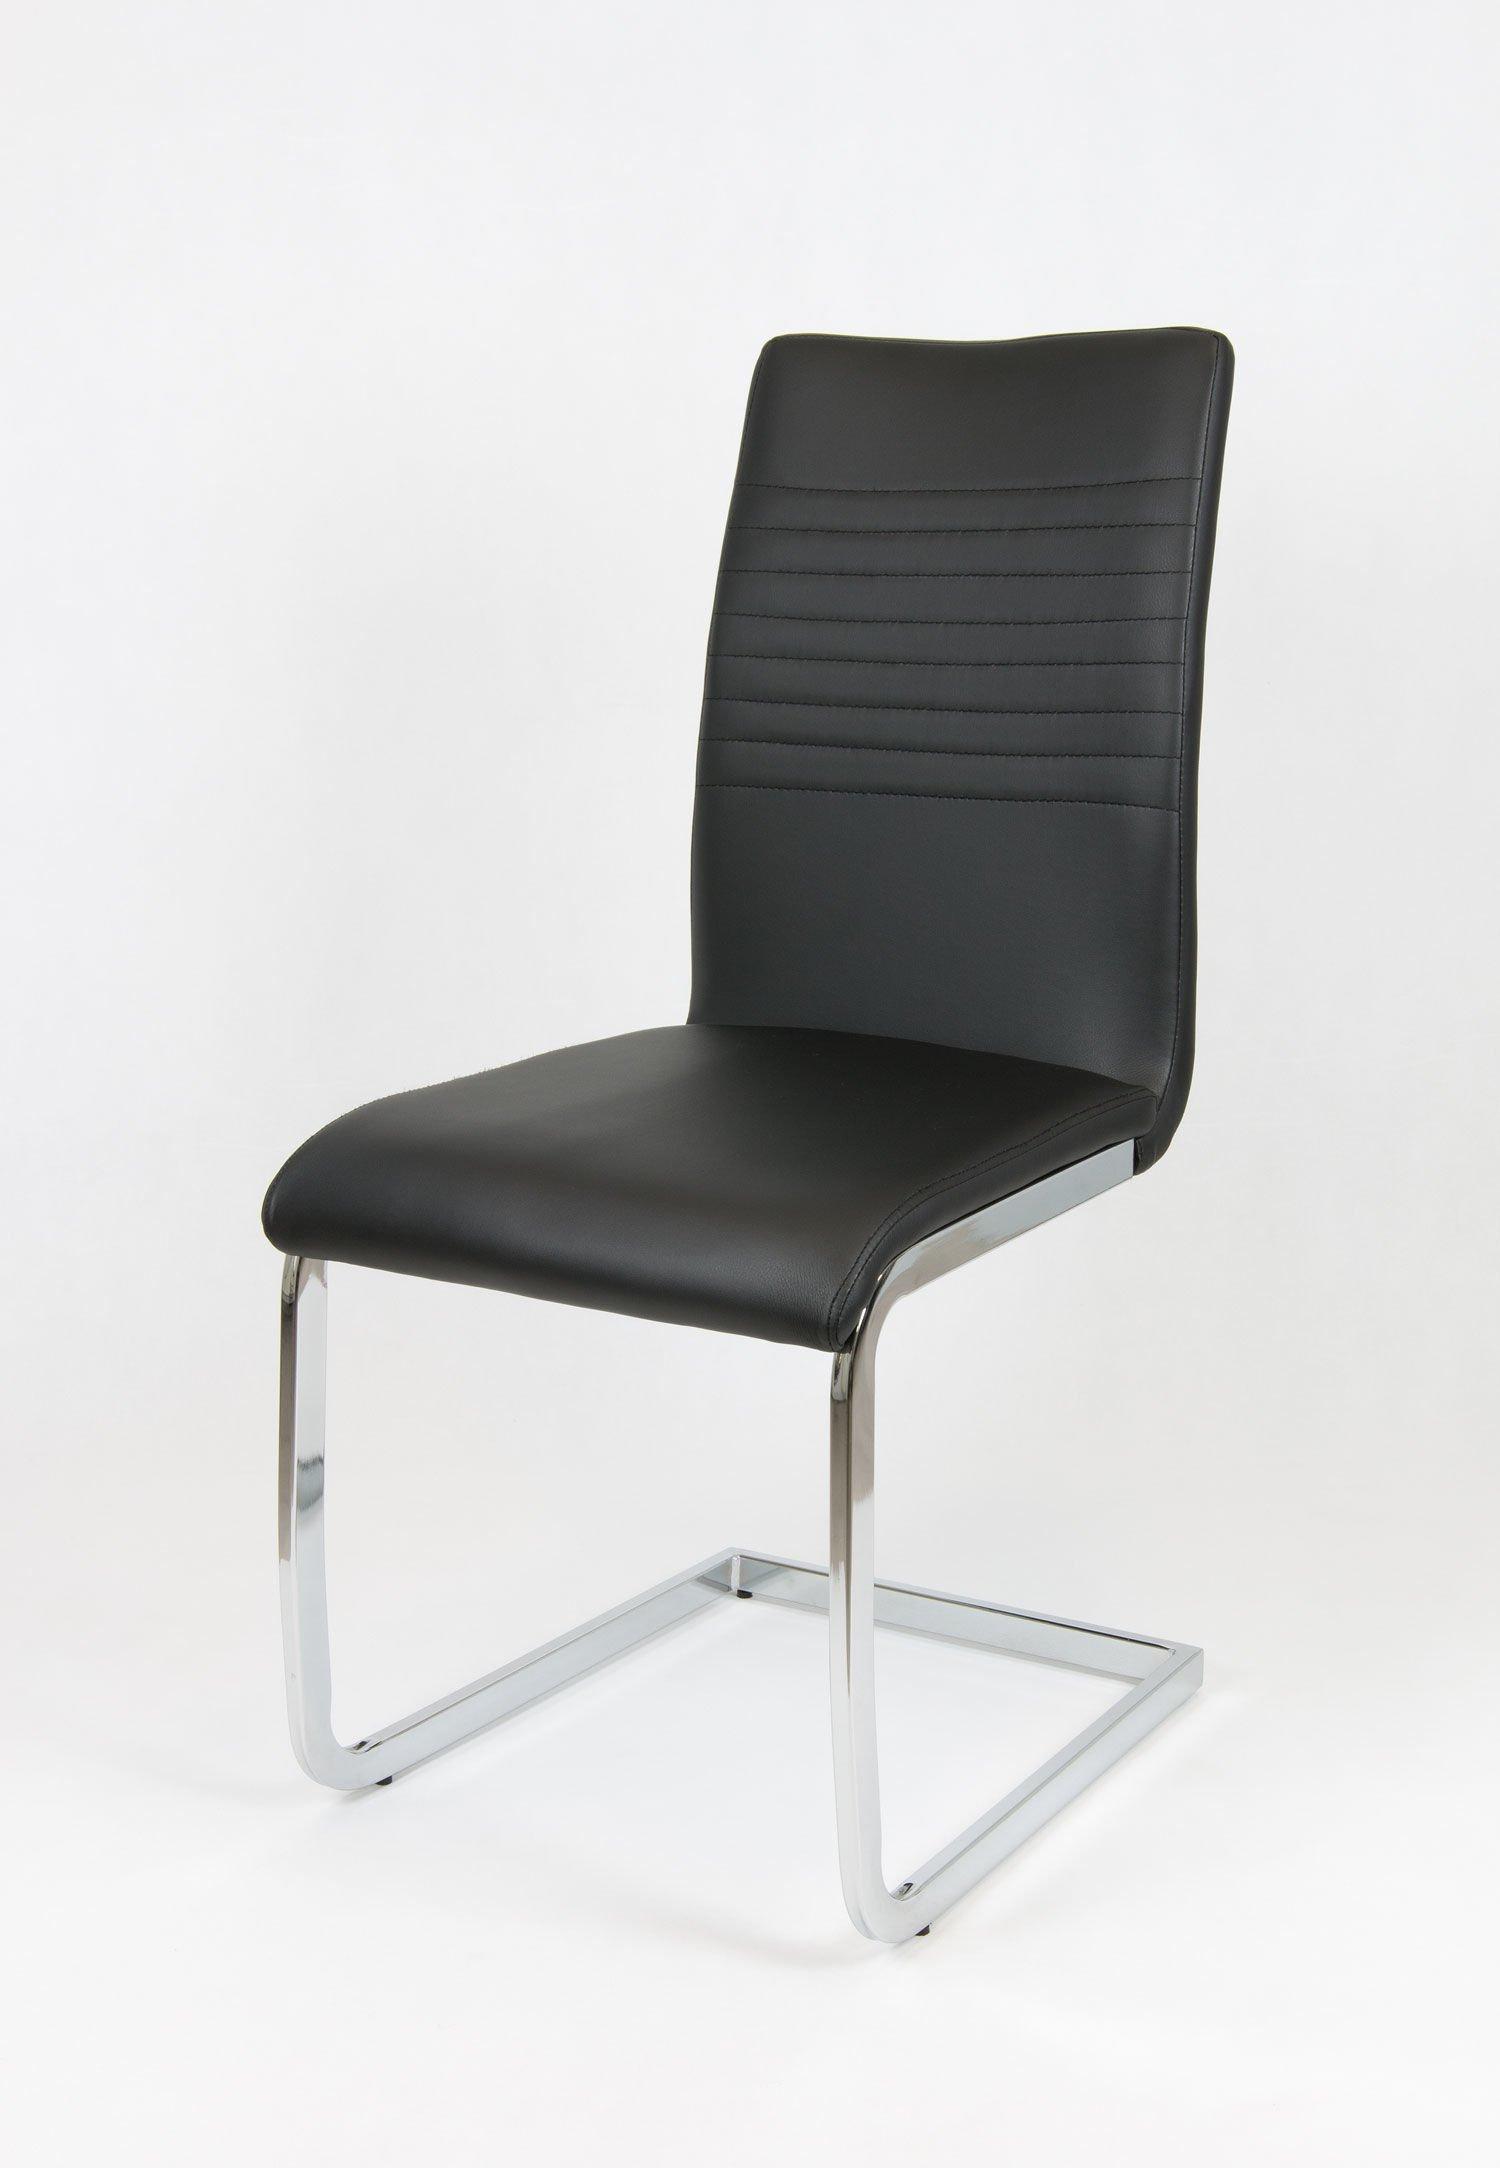 sk design ks038 schwarz kunsleder stuhl mit chrome schwarz angebot st hle farbe schwarz. Black Bedroom Furniture Sets. Home Design Ideas